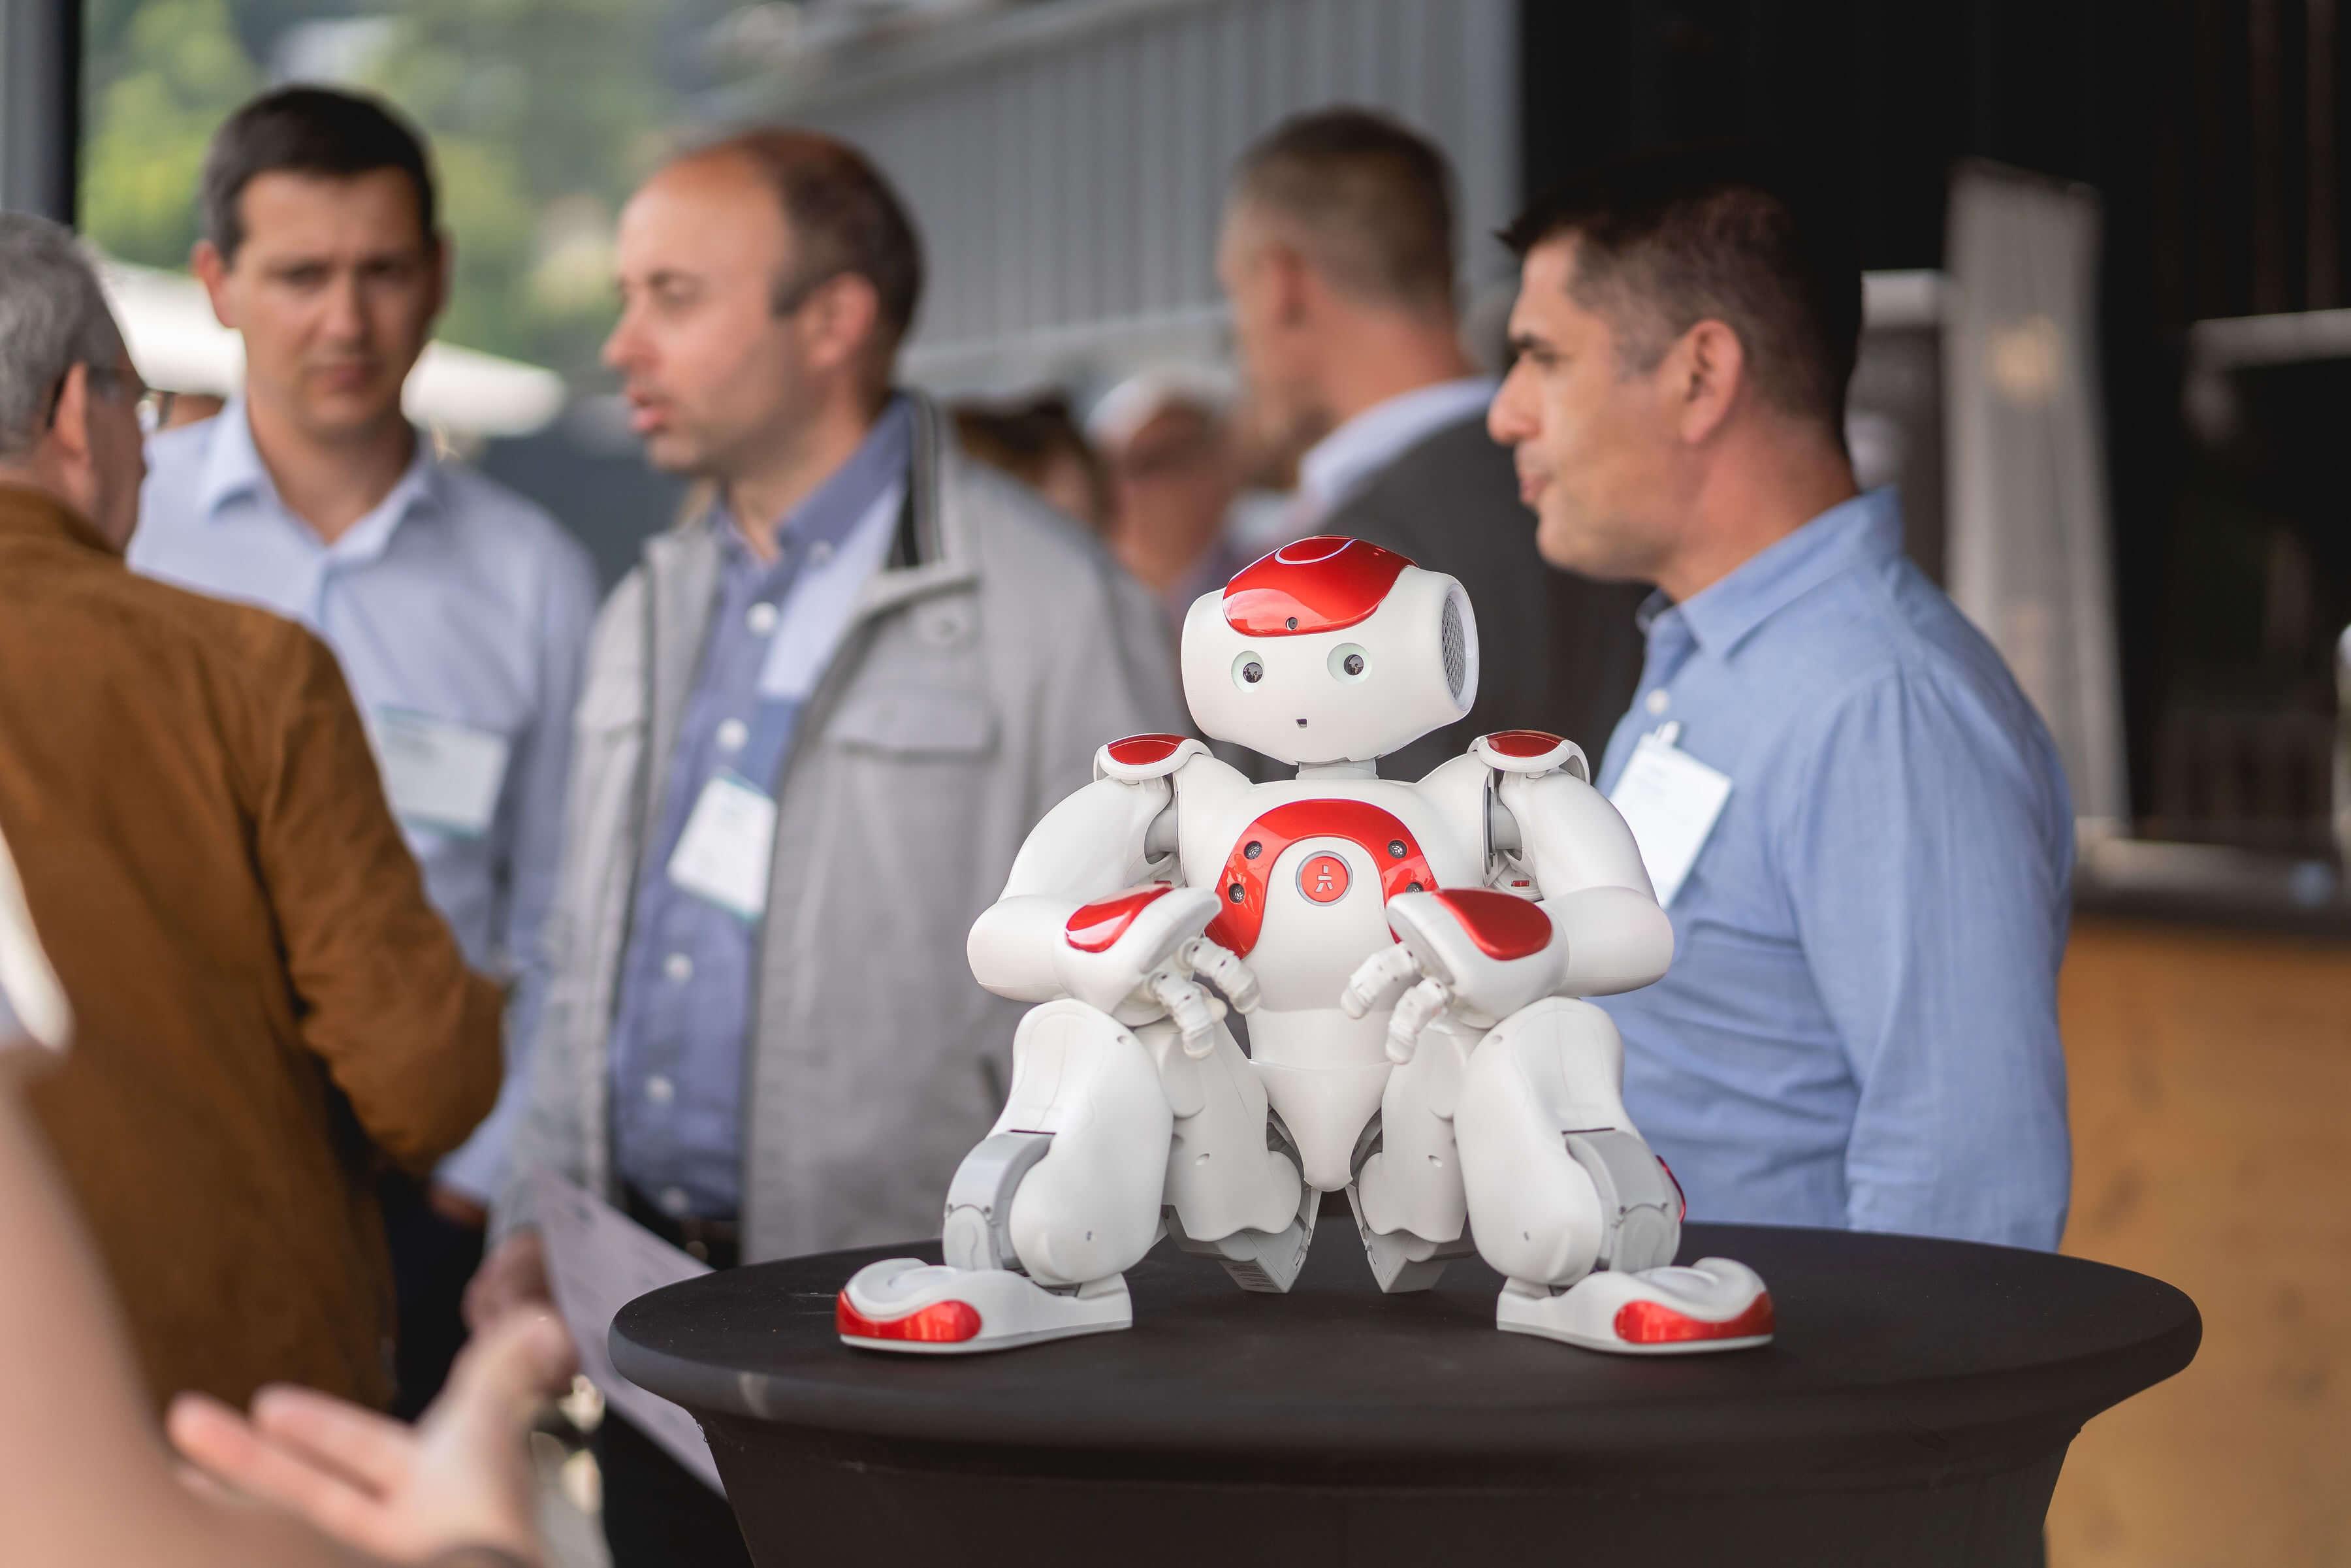 Découvrez le potentiel du robot Nao pour vos événements !